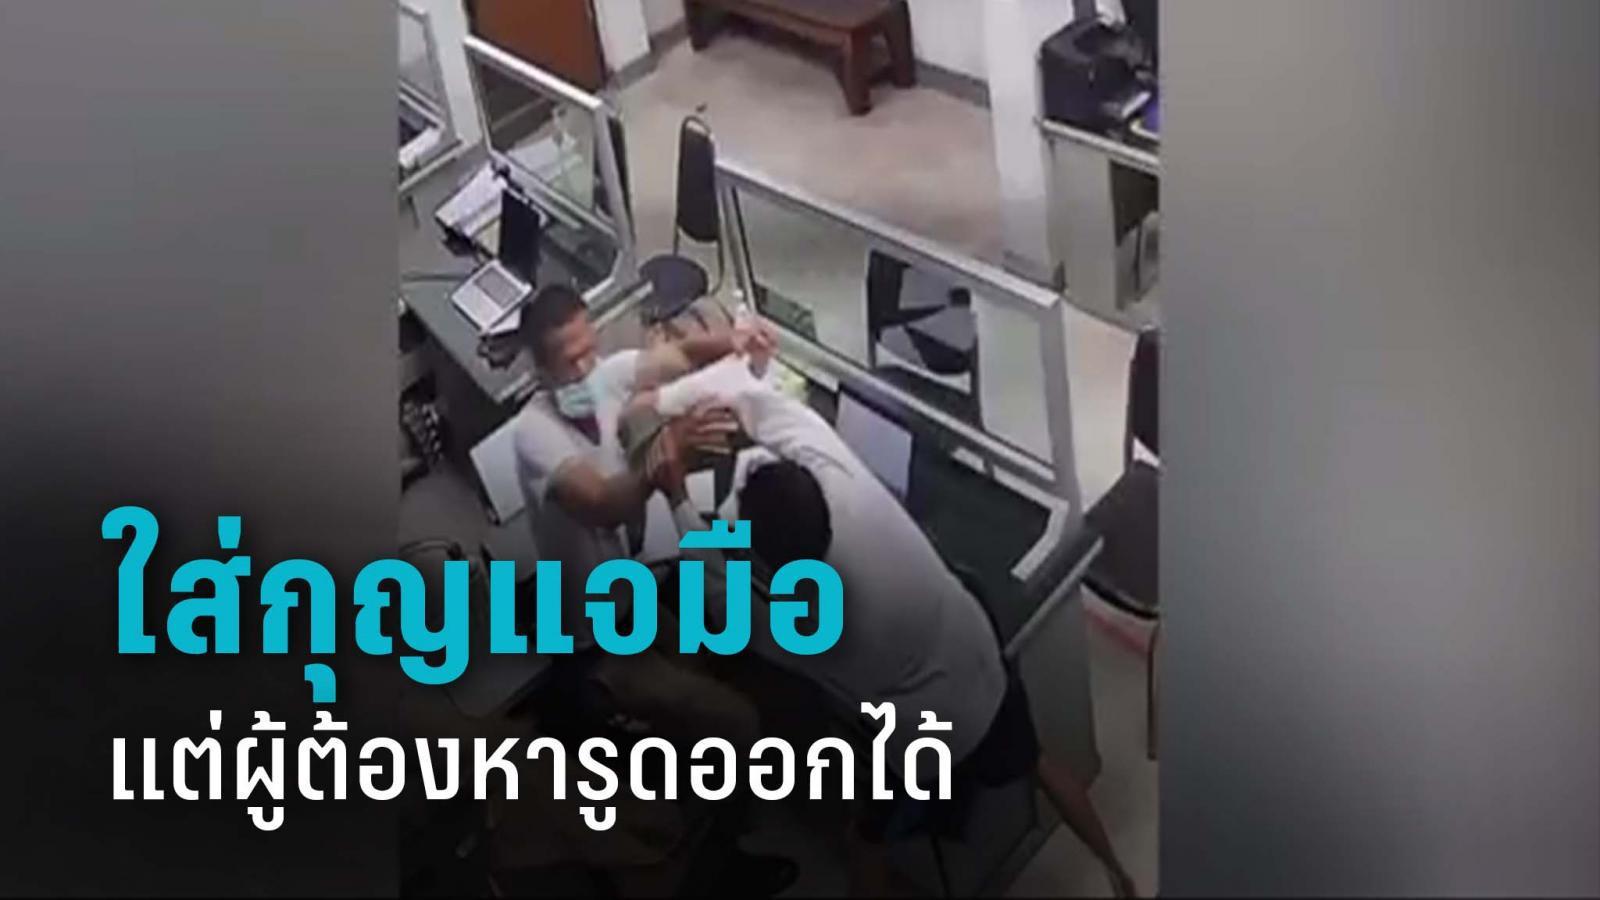 ผู้ต้องหาเมายา ชกตำรวจขณะสอบสวน ยอมรับใส่กุญแจมือไม่รัดกุม